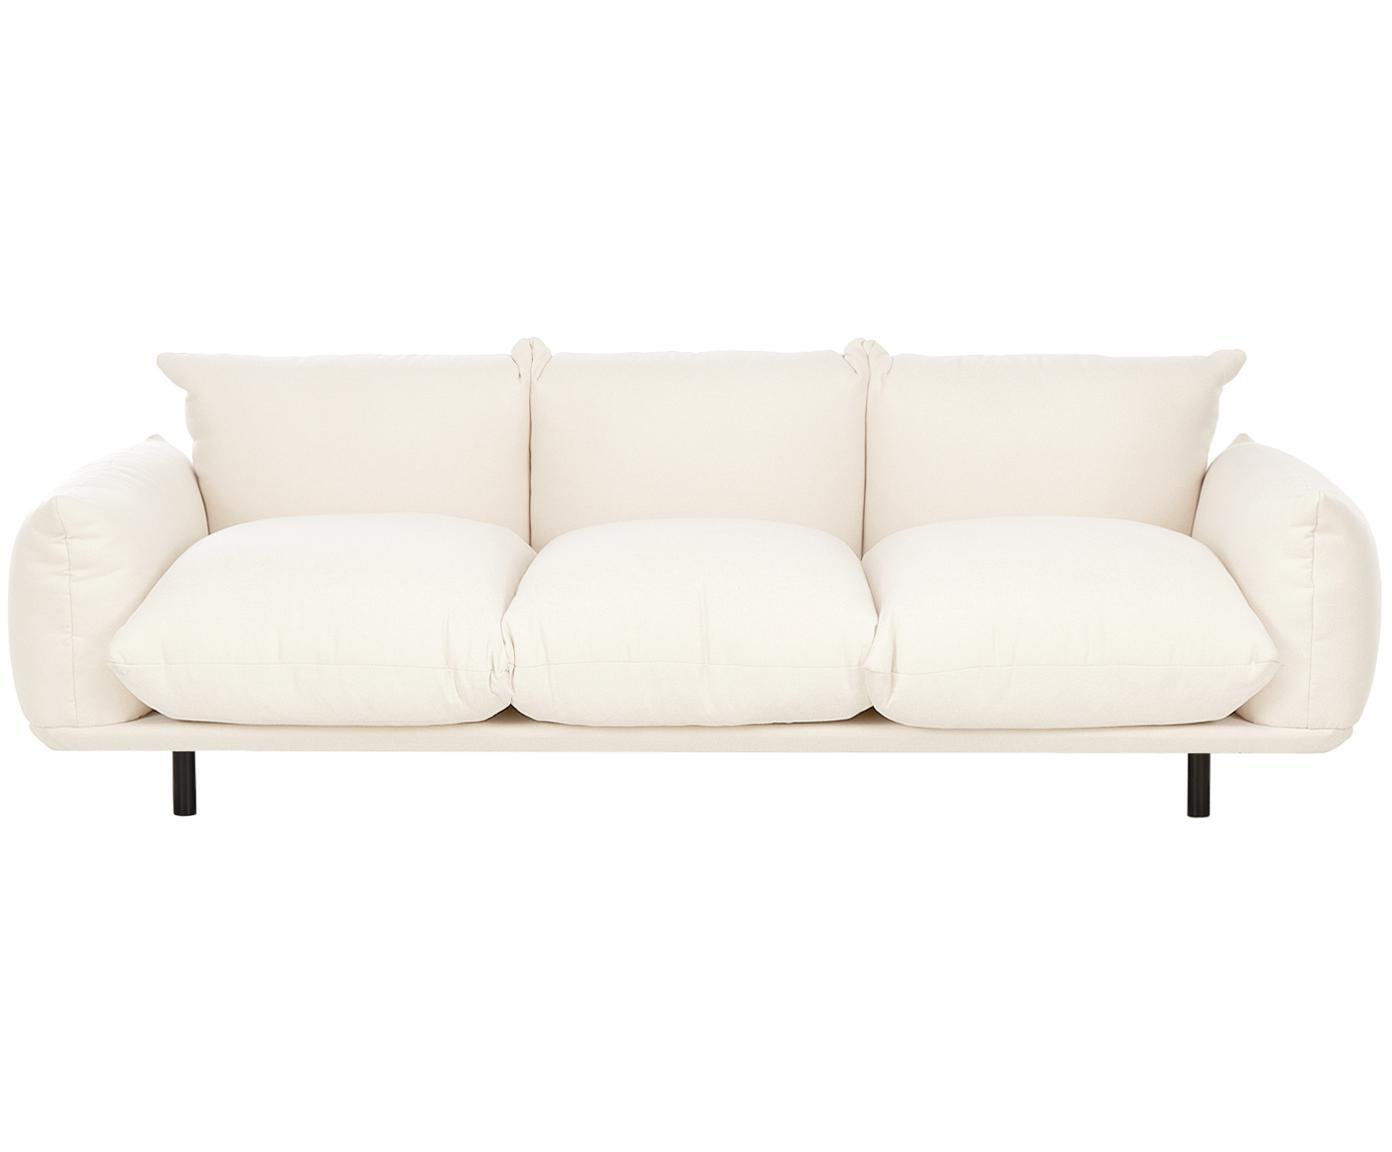 Bank Saga (4-zits), Bekleding: 100% polyester, Frame: massief berkenhout, Poten: gepoedercoat metaal, Beige, B 232 x D 103 cm